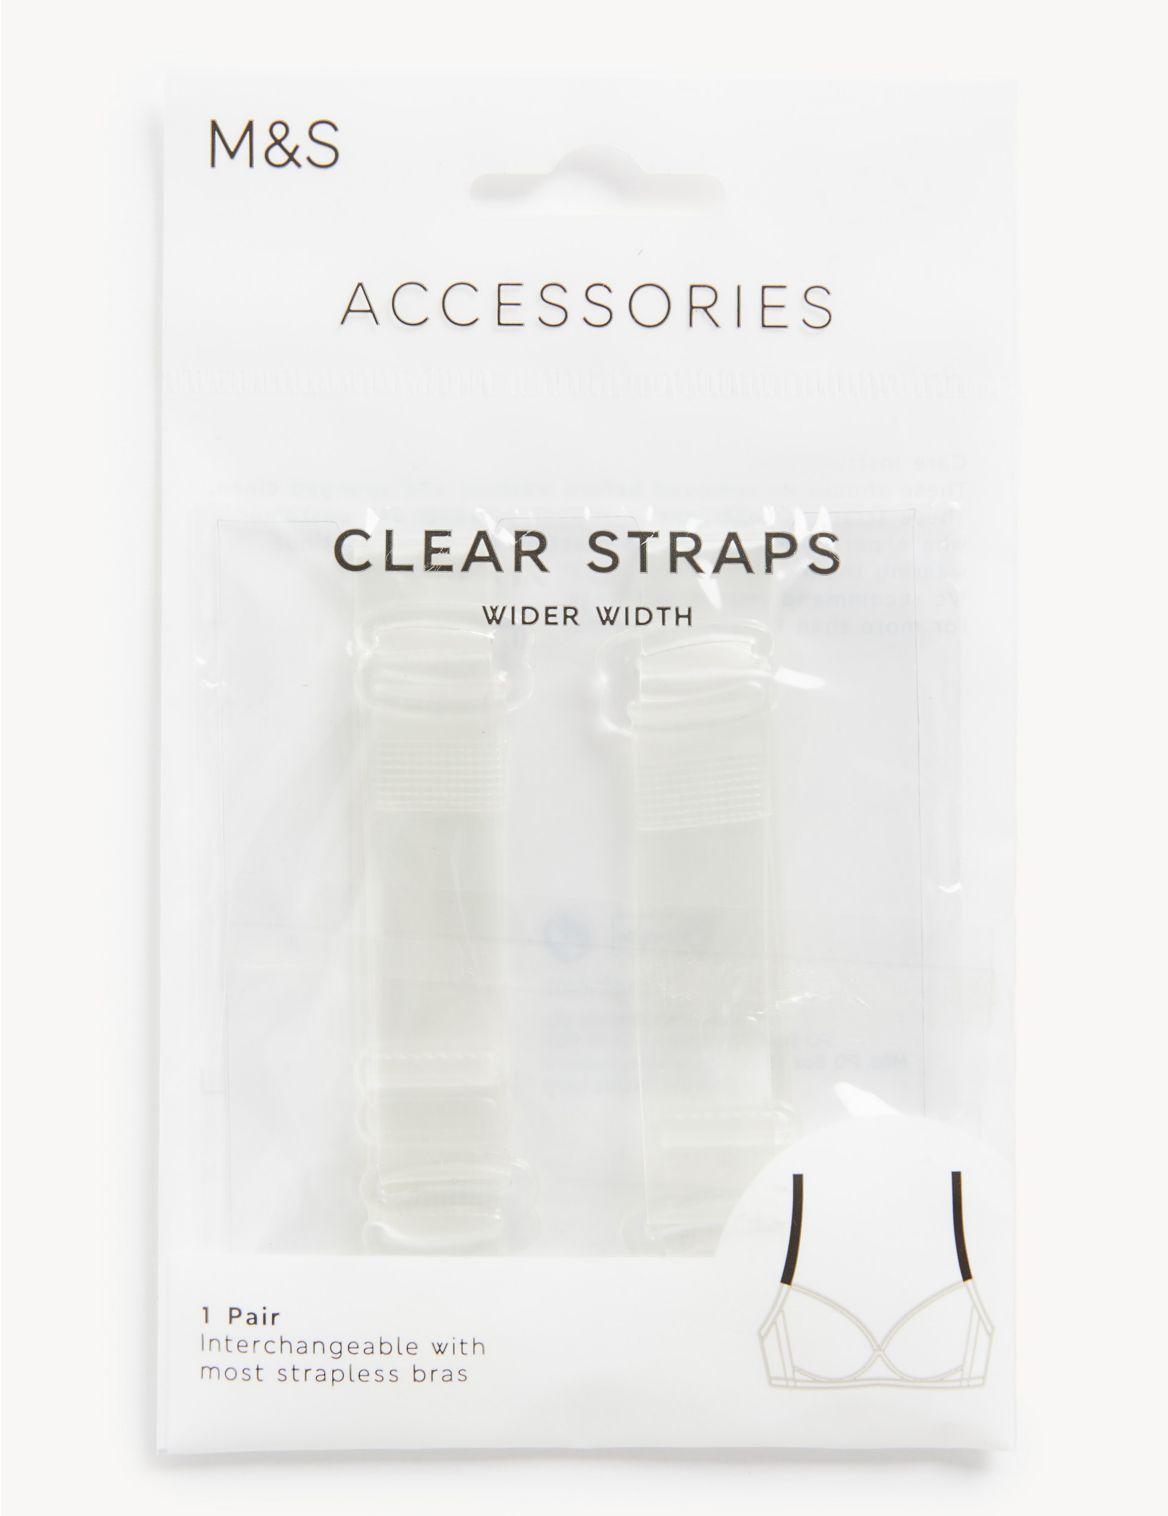 Bretelles de soutien-gorge transparentes amovibles (grande largeur). StyleForme du produit:Lot assorti;Bretelles r??glables;Guide des tailles: adapt??